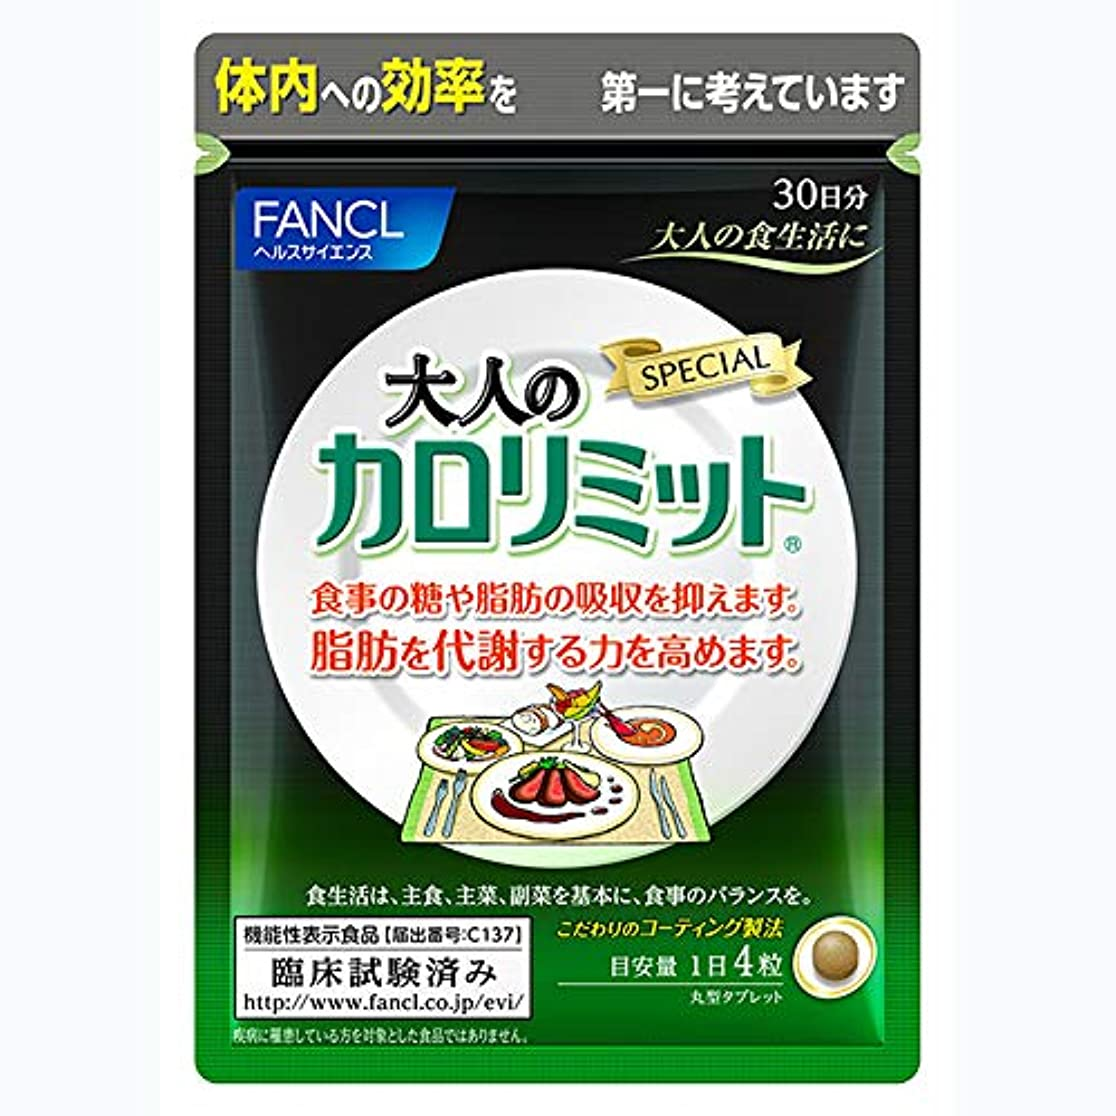 地雷原炭水化物ファームファンケル (FANCL) 大人のカロリミット (約30日分) 120粒 [機能性表示食品]